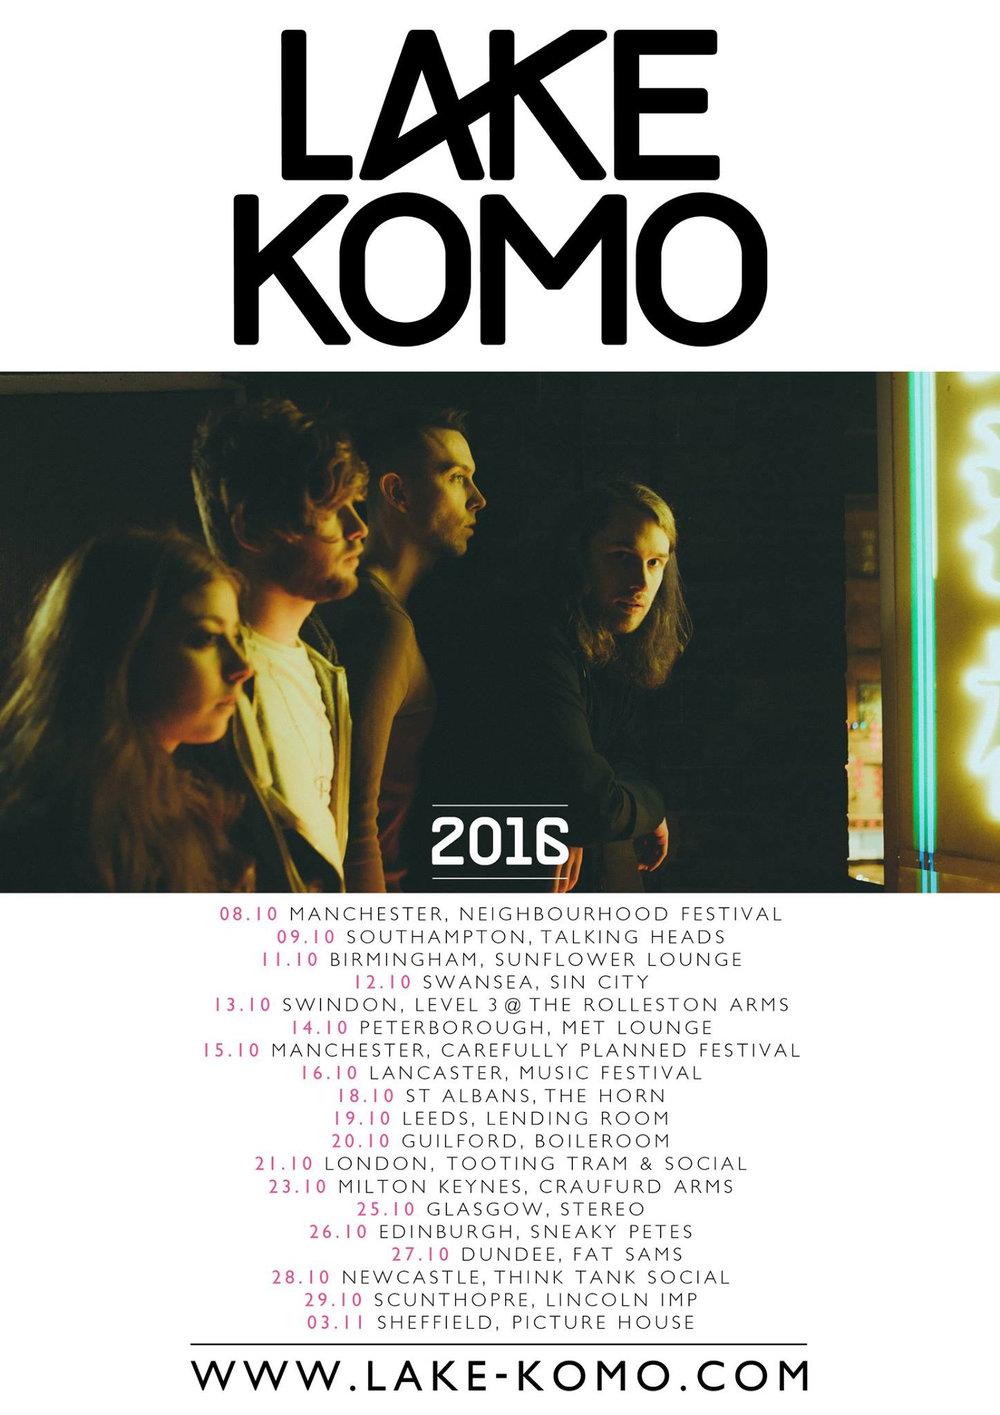 Lake Komo October '16 Tour Poster.jpg